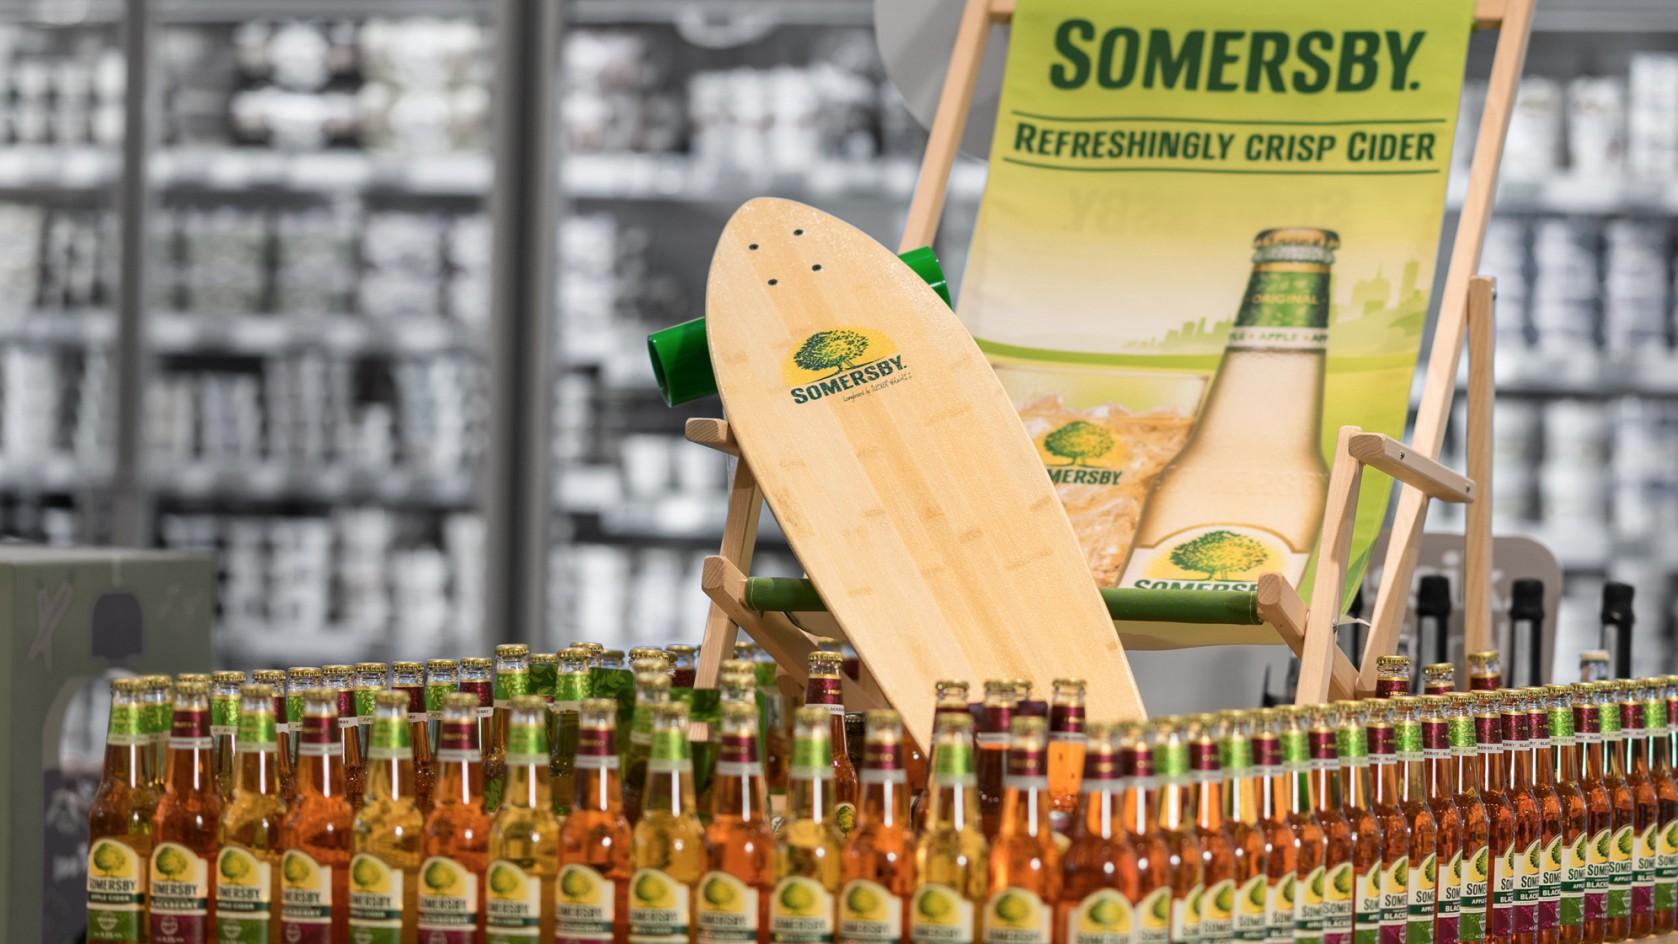 Verkaufsförderung: POS-Aktivierung für Somersby